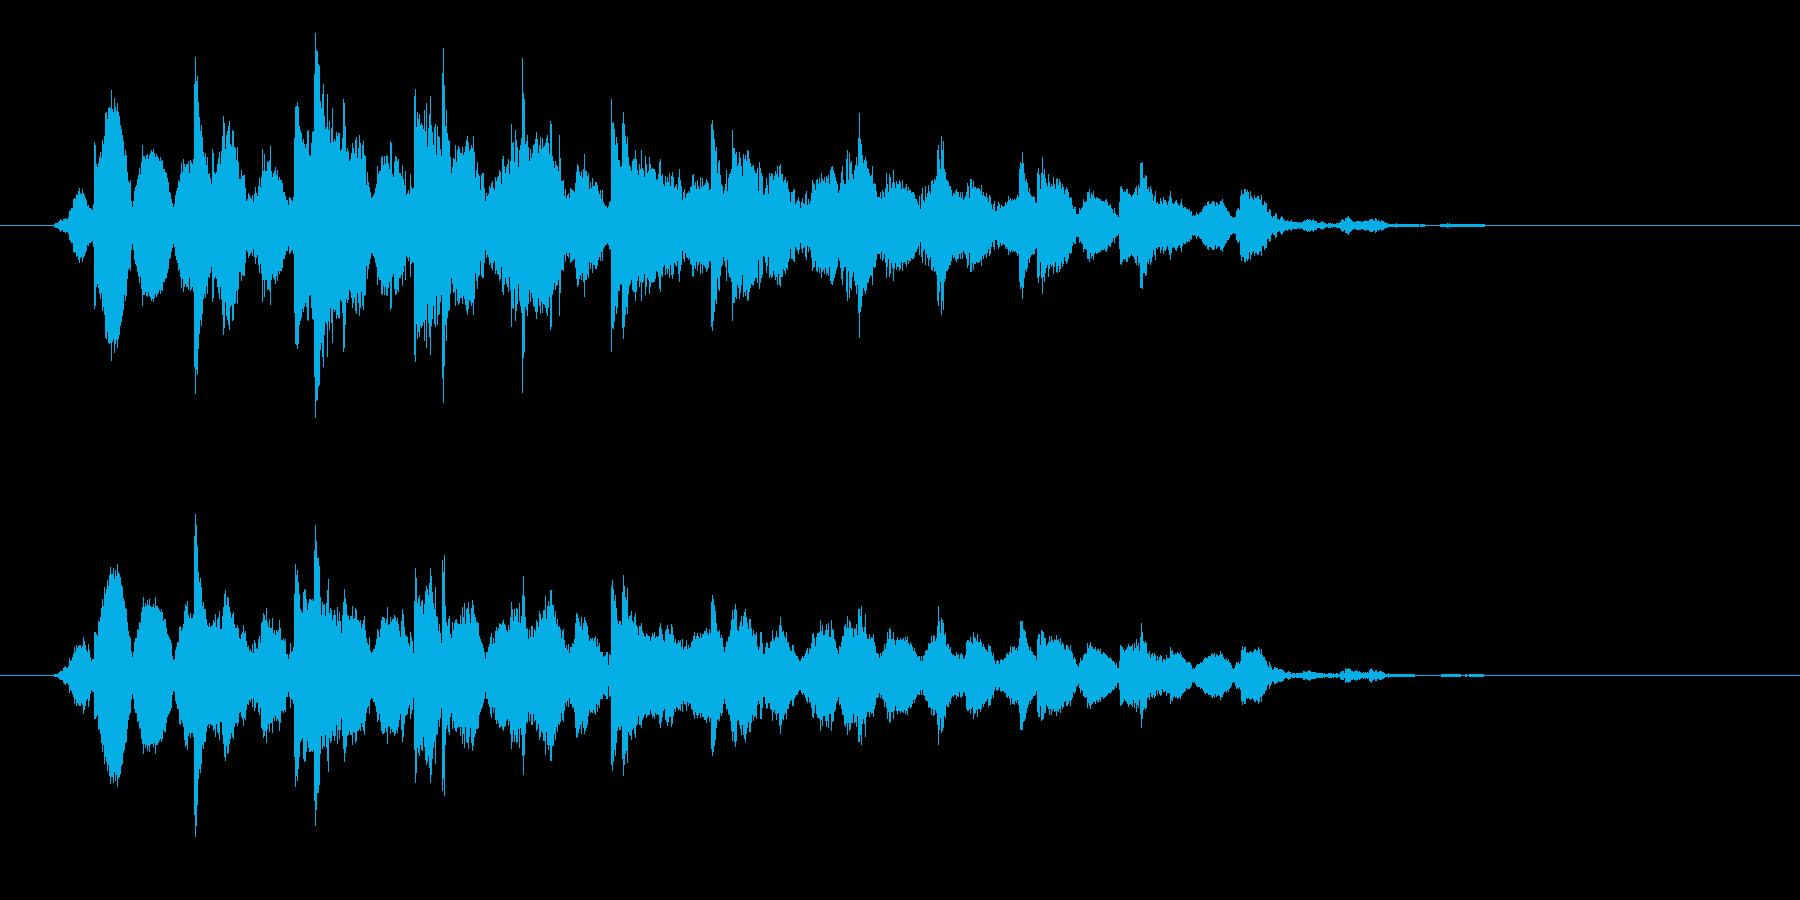 コイン/お金/ジャラジャラの再生済みの波形